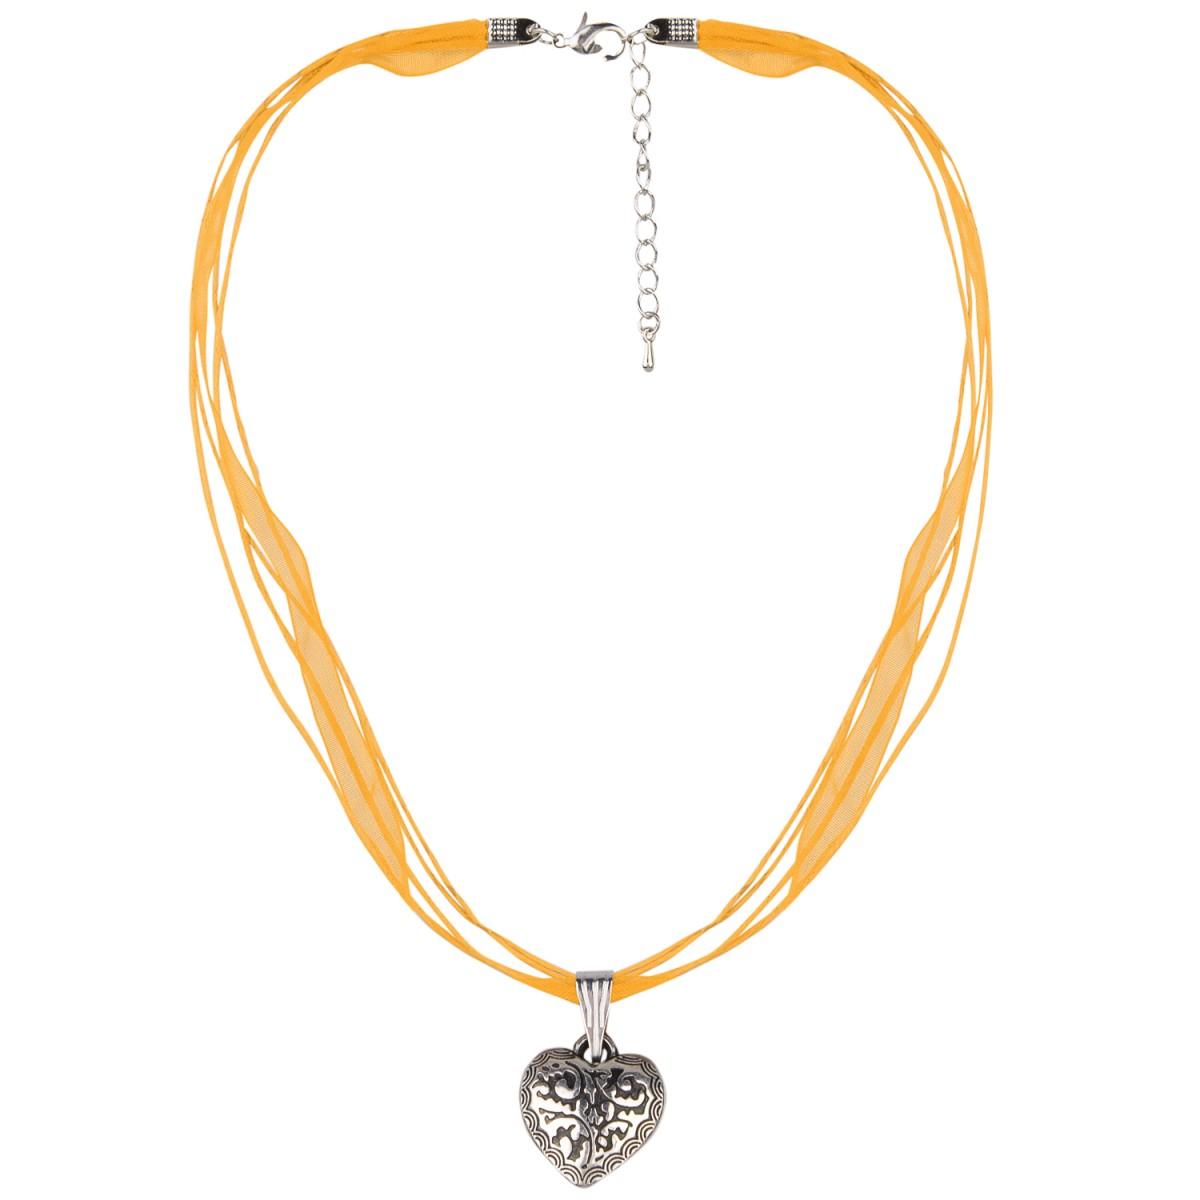 Halskette in Orange mit 4 Bändern und Herzanhänger von Schlick Accessoires günstig online kaufen